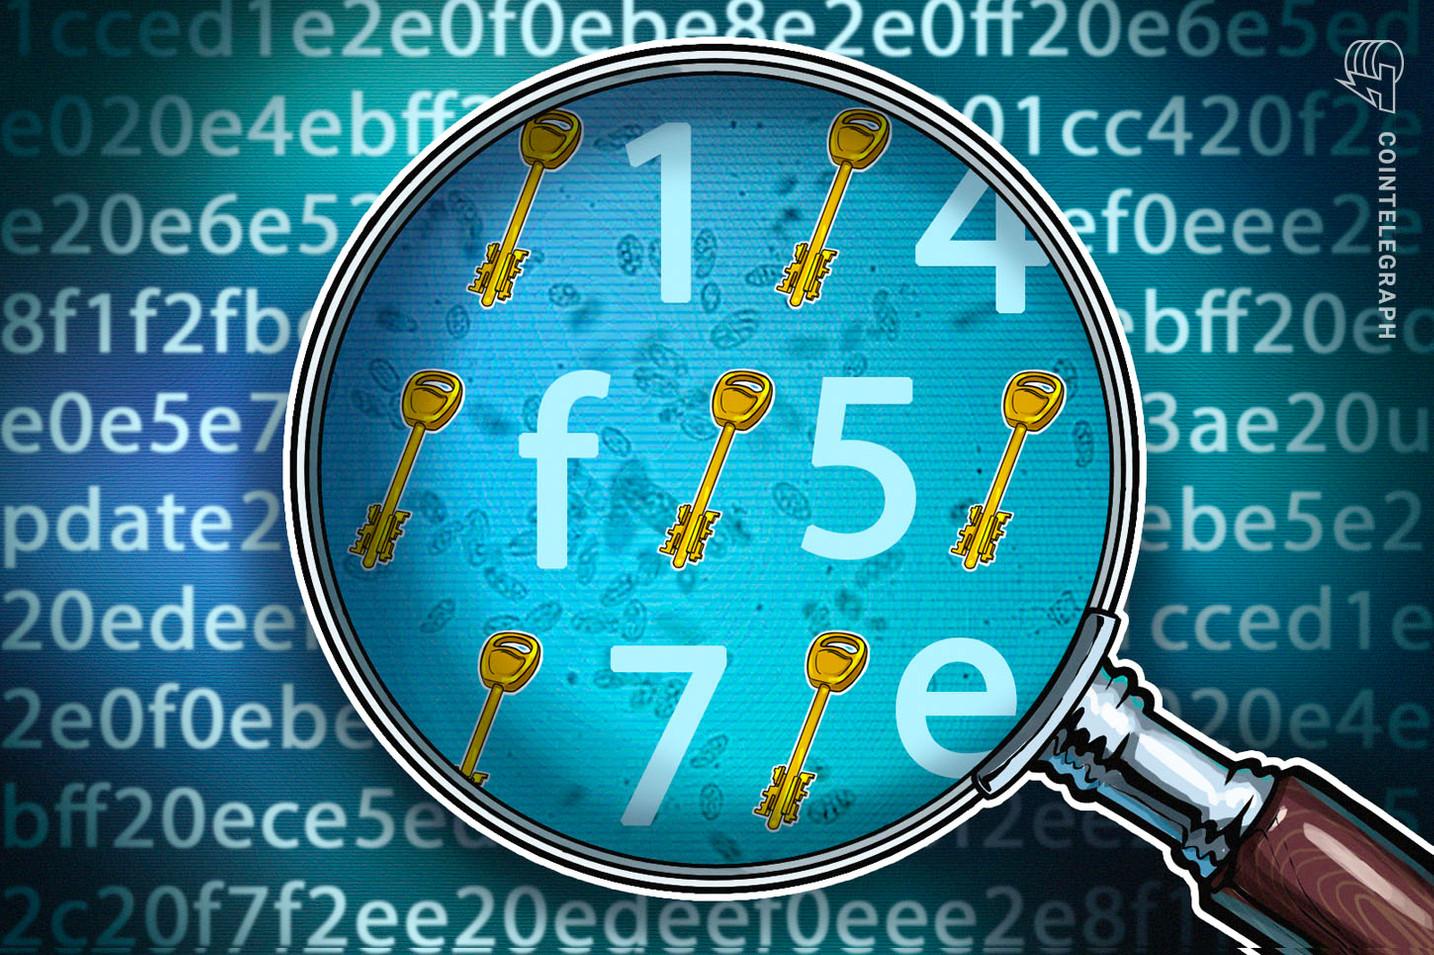 Novo aplicativo verifica o GitHub em busca de segredos, como chaves de criptografia e senhas